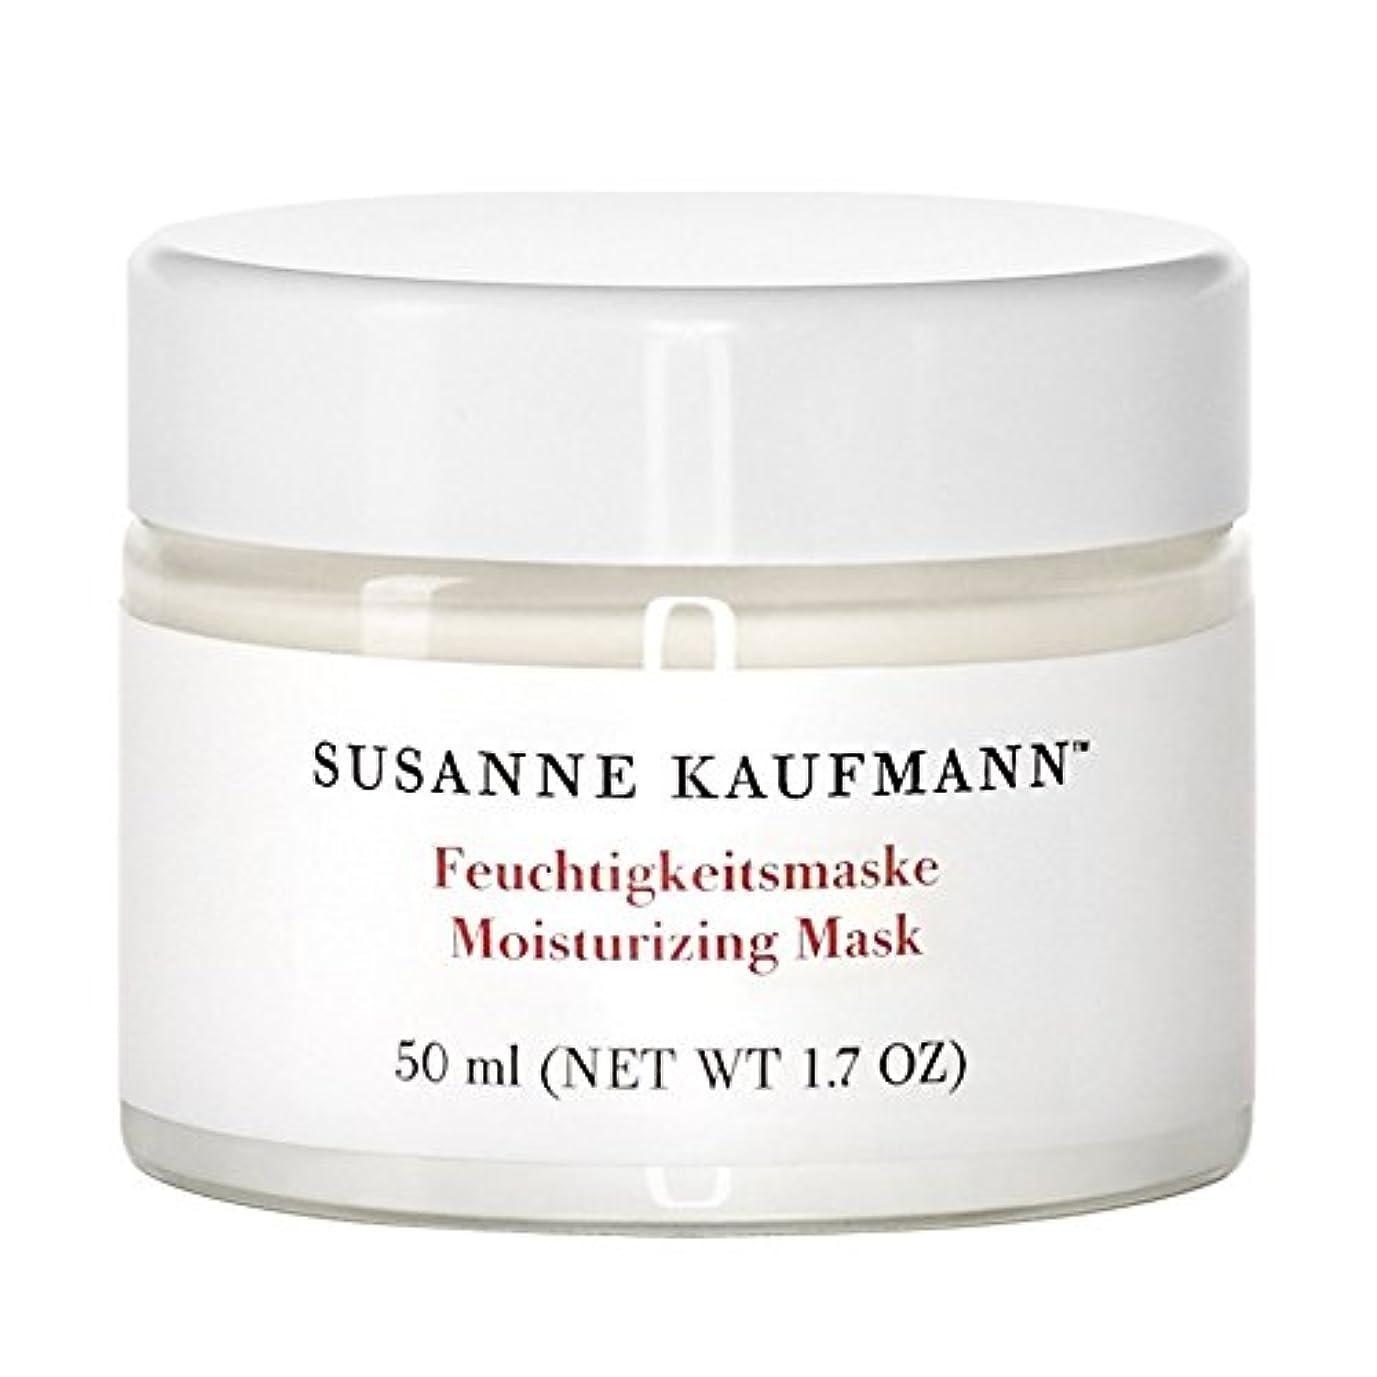 適応するオンスおばあさんスザンヌカウフマン保湿マスク50ミリリットル x4 - Susanne Kaufmann Moisturising Mask 50ml (Pack of 4) [並行輸入品]